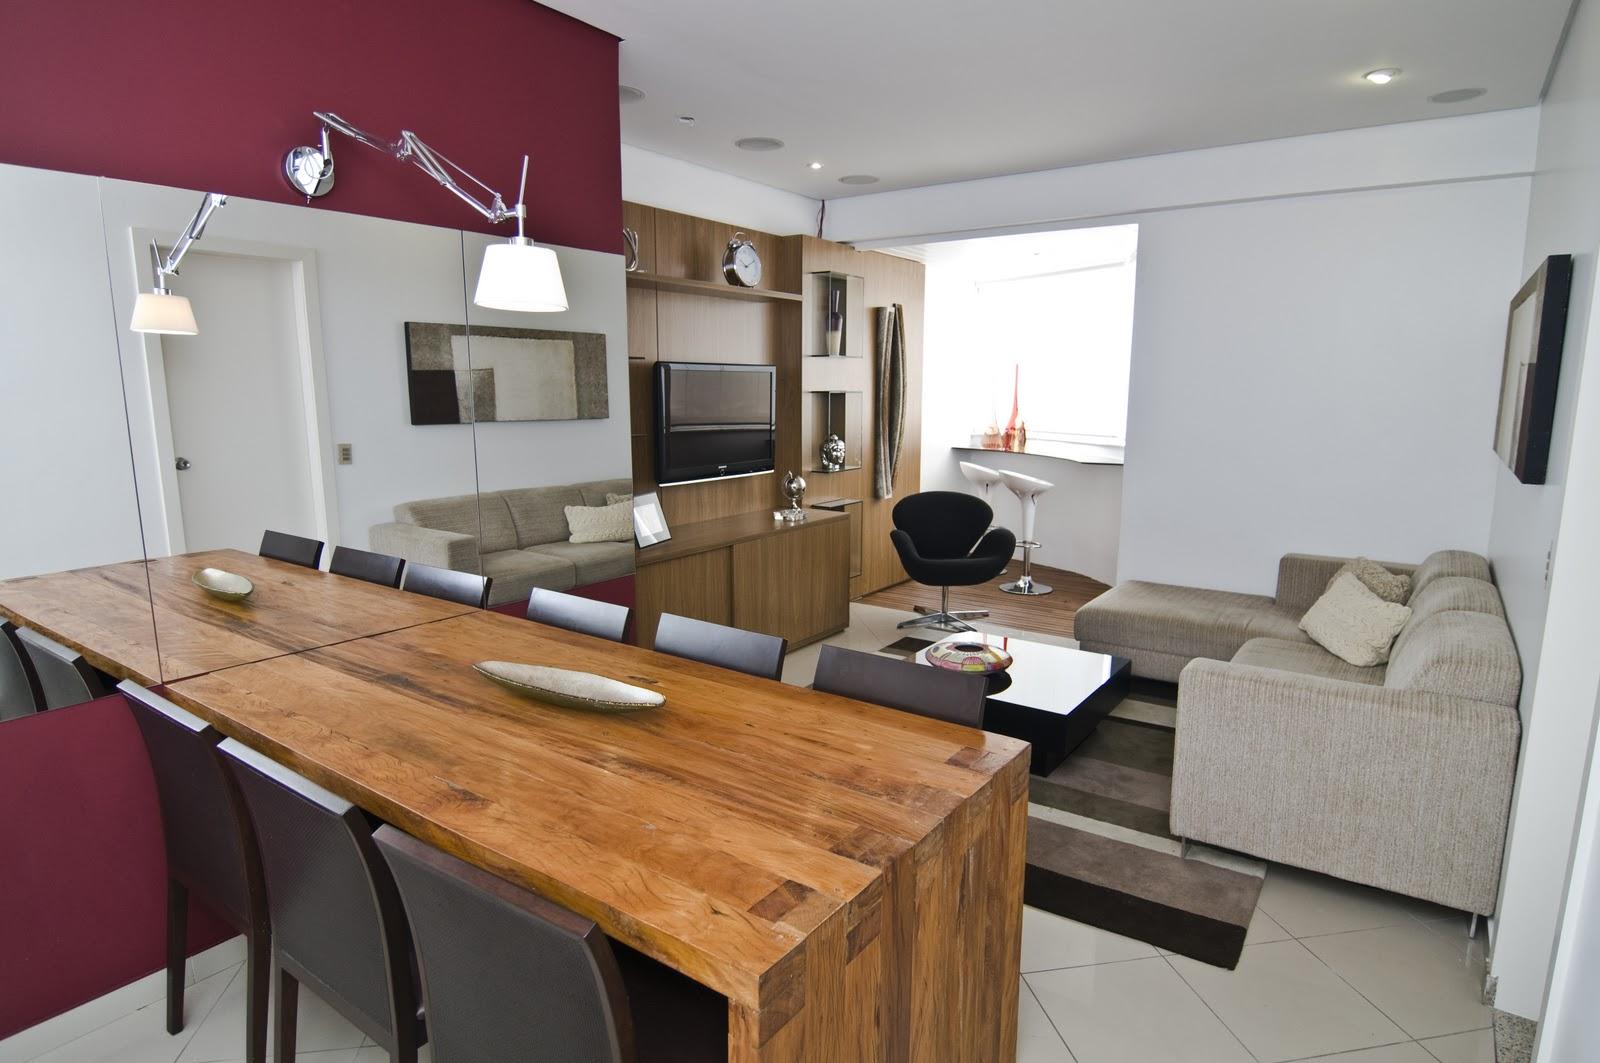 Já nesse apartamento utilizamos na mesa de jantar com um desenho  #946337 1600x1063